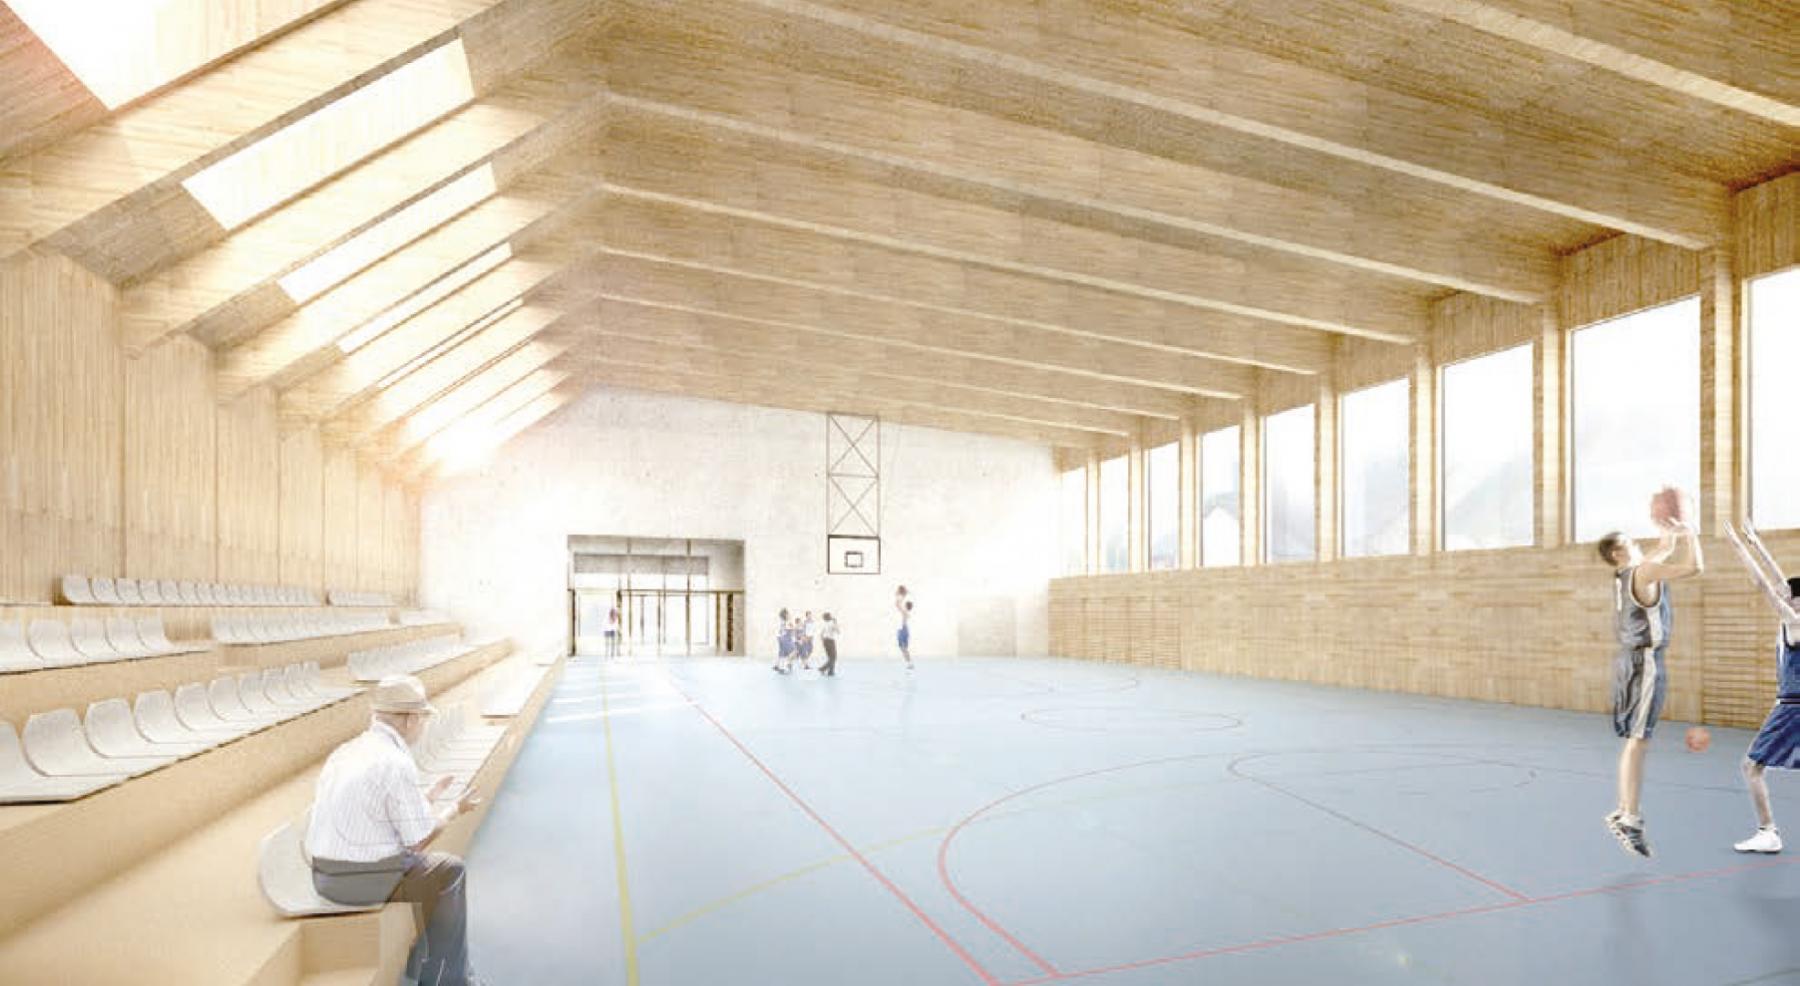 Salle à usage multiple, logements protégés, centrale de chauffe, Léchelles, Joud & Vergély Architectes, La grange au pré